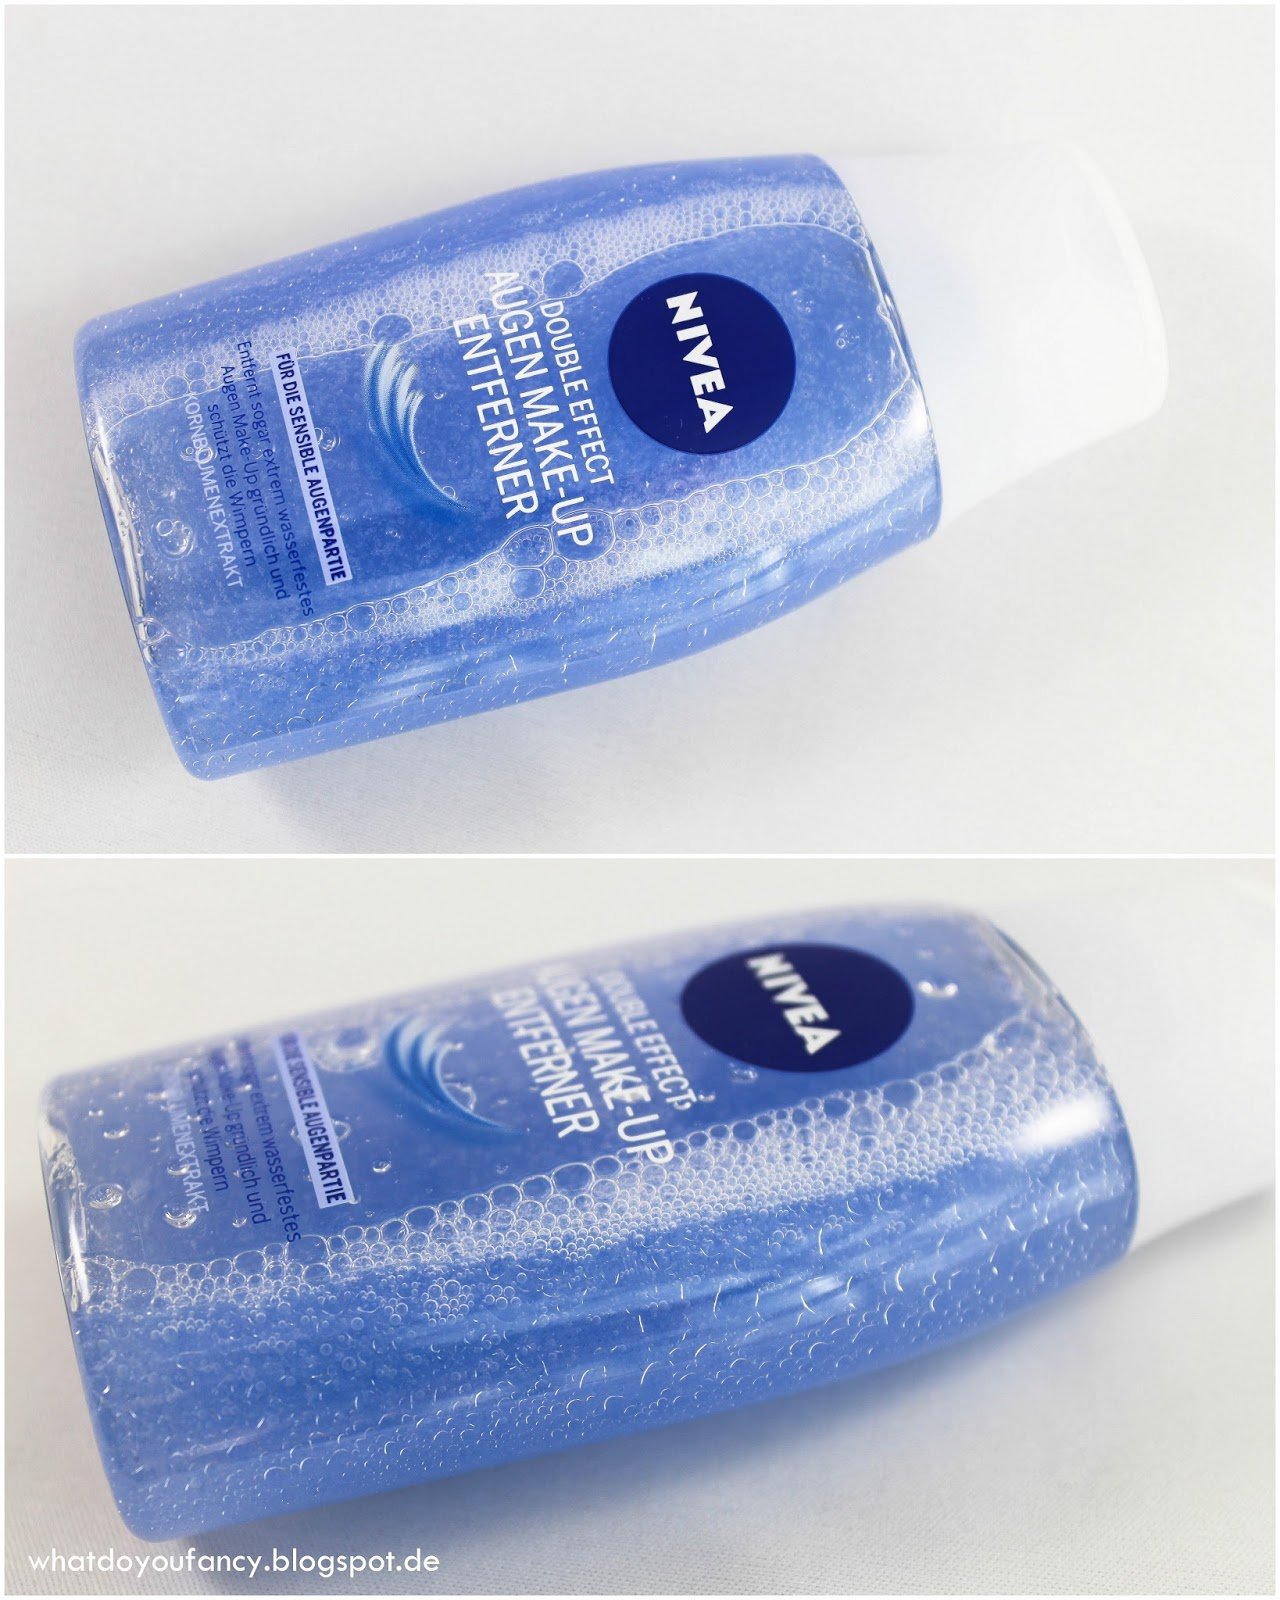 Der Nivea Double Effect Augen Make-up Entferner und Nivea Sanfter Wasserfester Augen Make-up Entferner im Vergleich